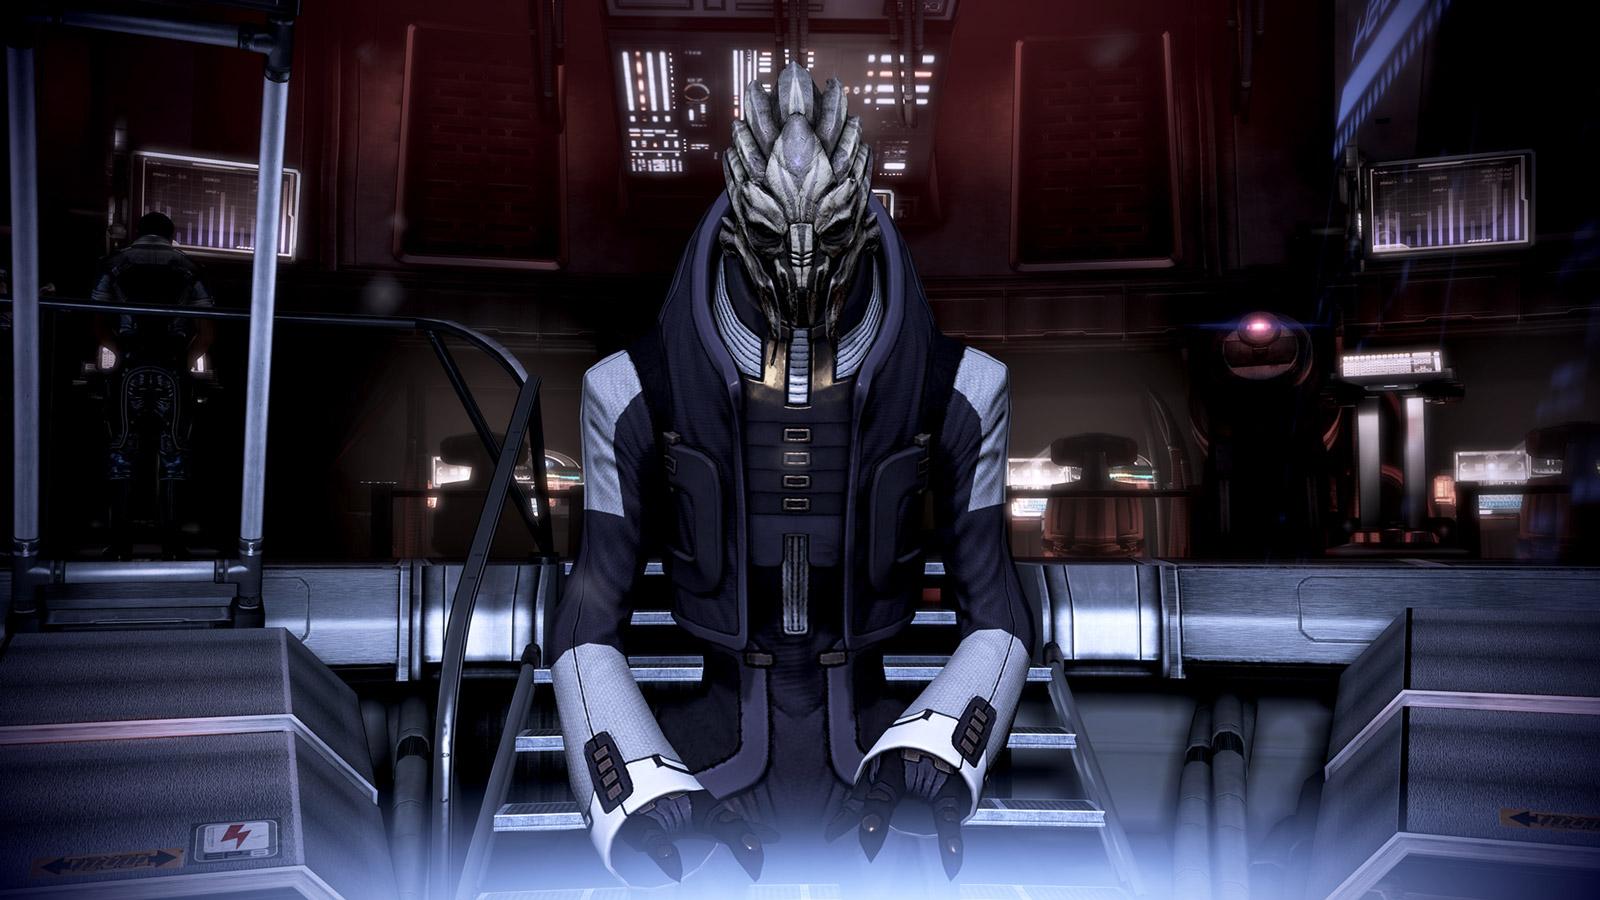 Mass Effect 3 Wallpaper in 1600x900